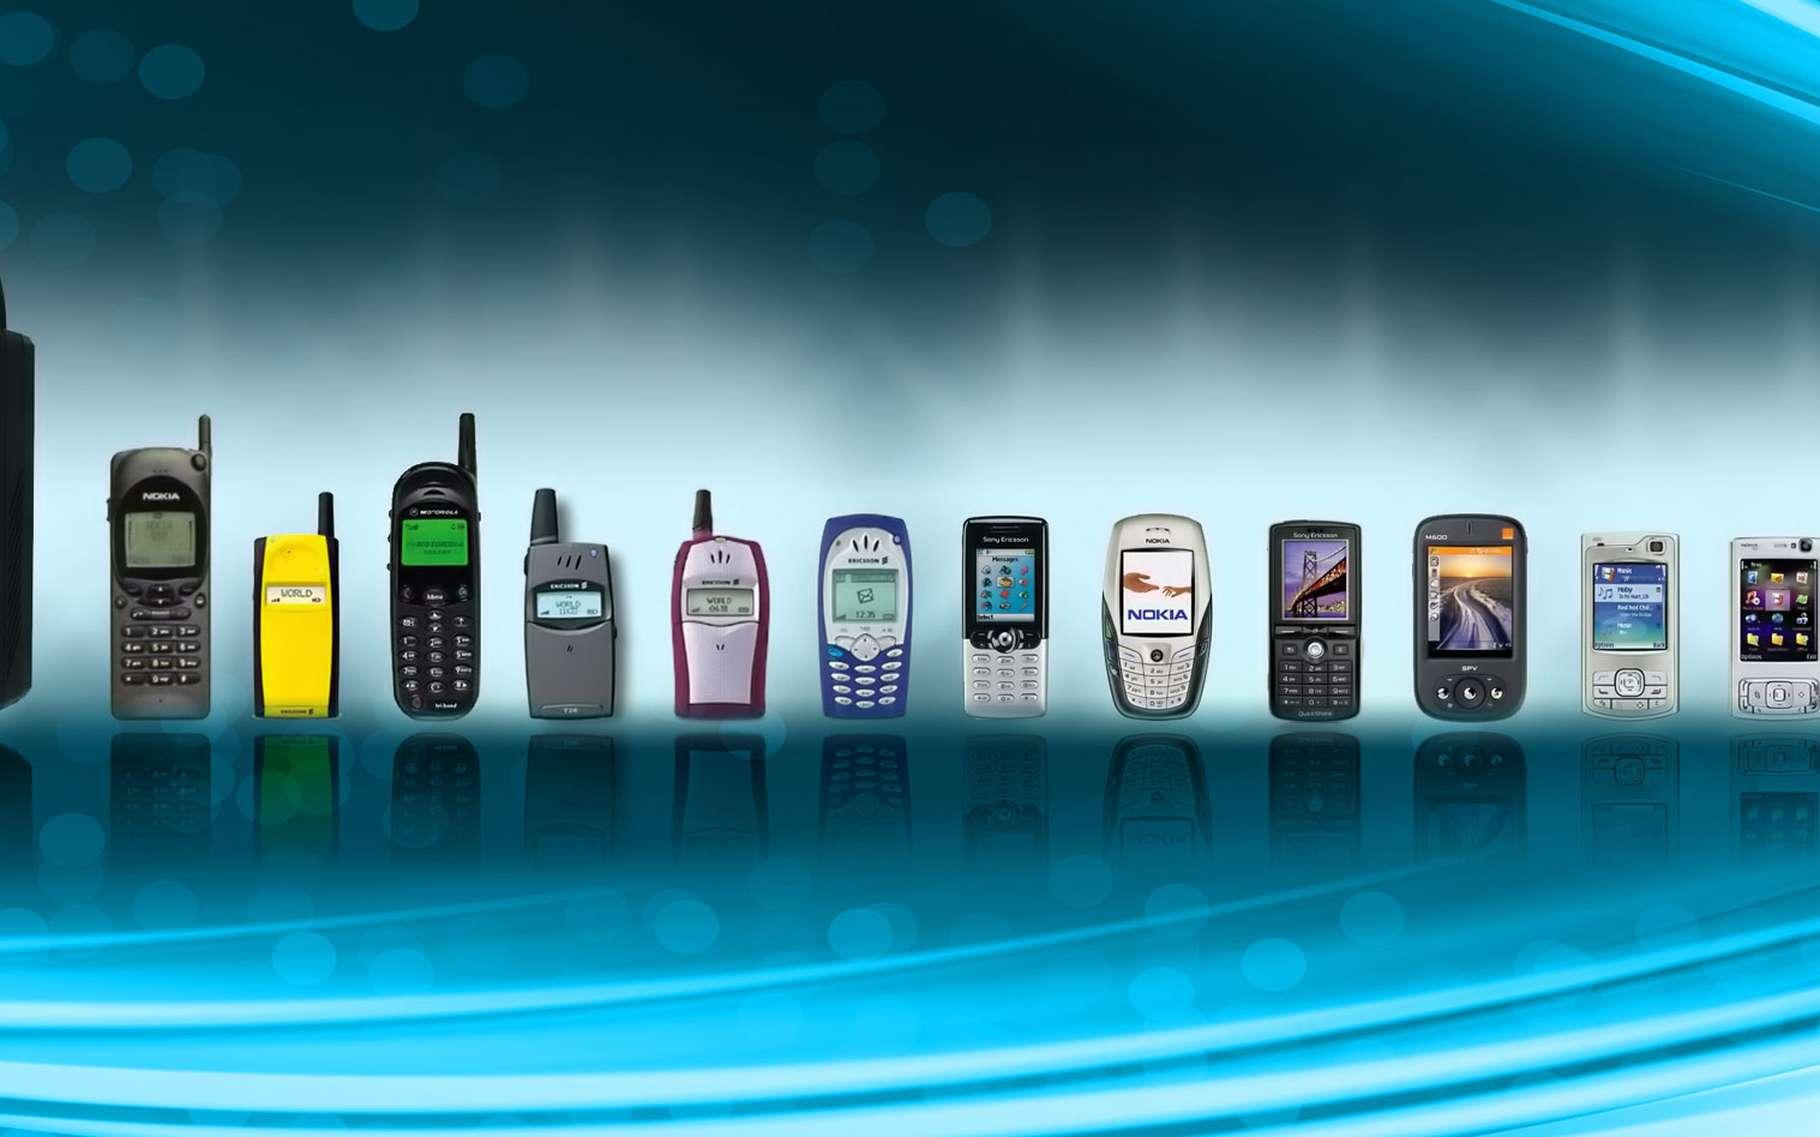 L Histoire Du Telephone Portable Des Annees 80 A Nos Jours Dossier